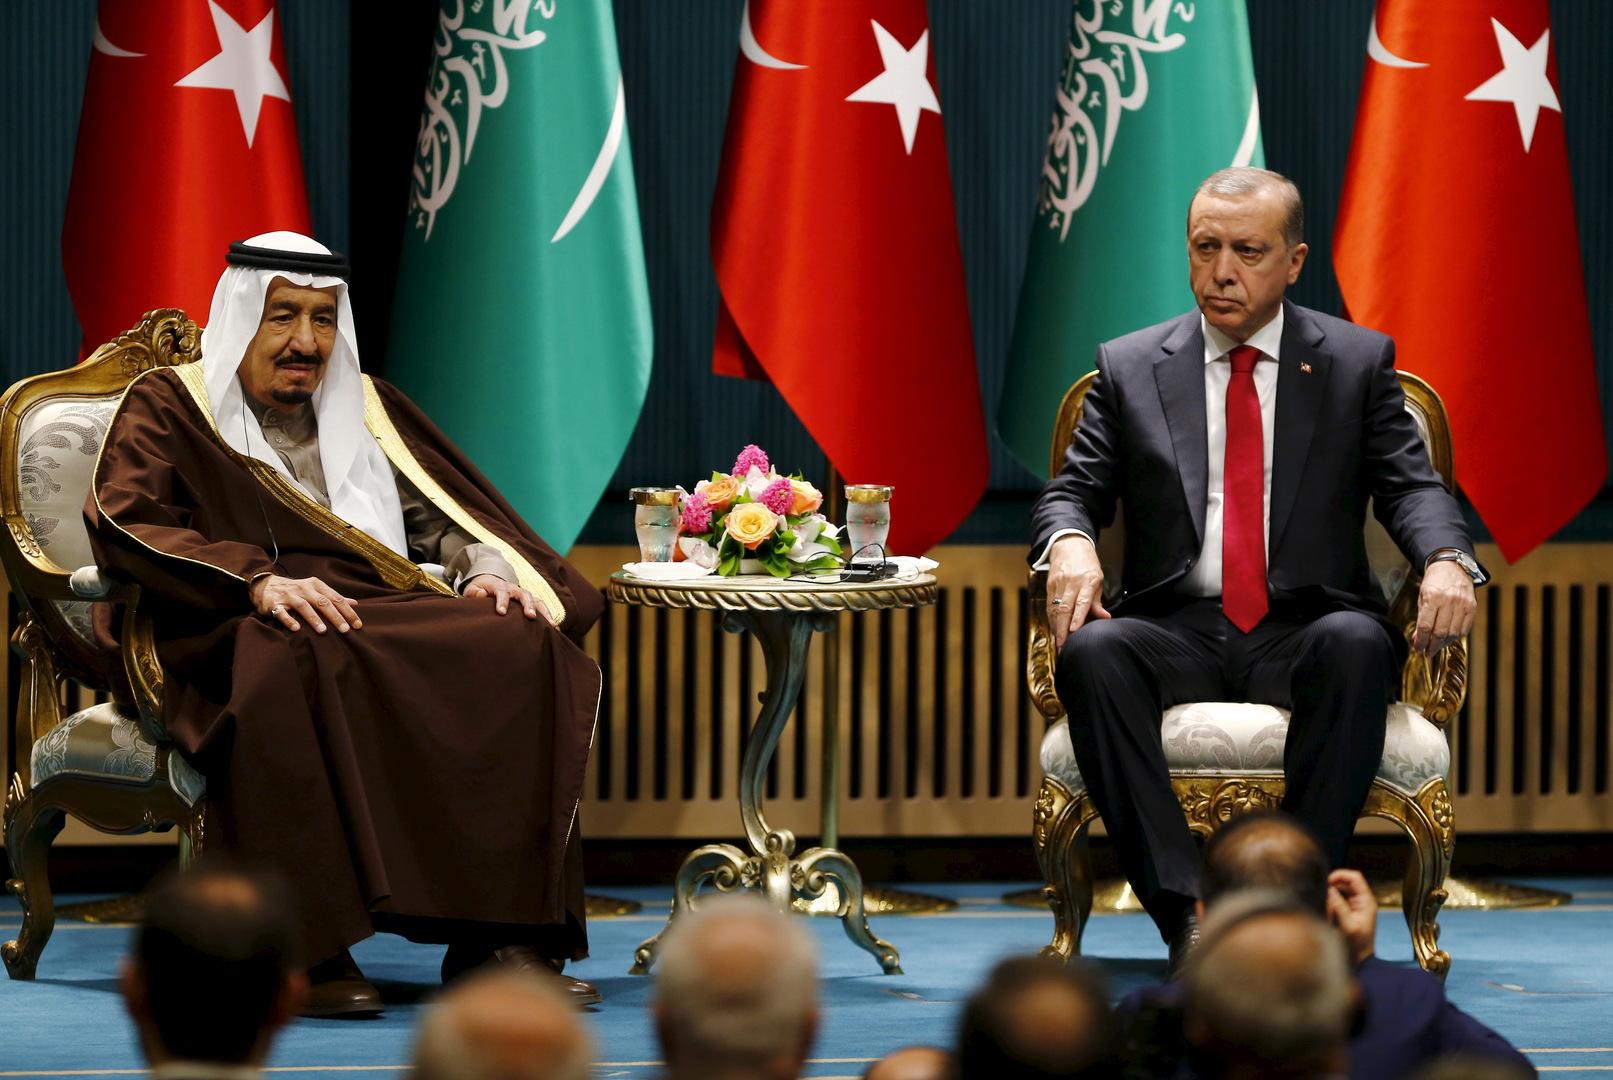 الملك سلمان يتلقى اتصالا هاتفيا من أردوغان